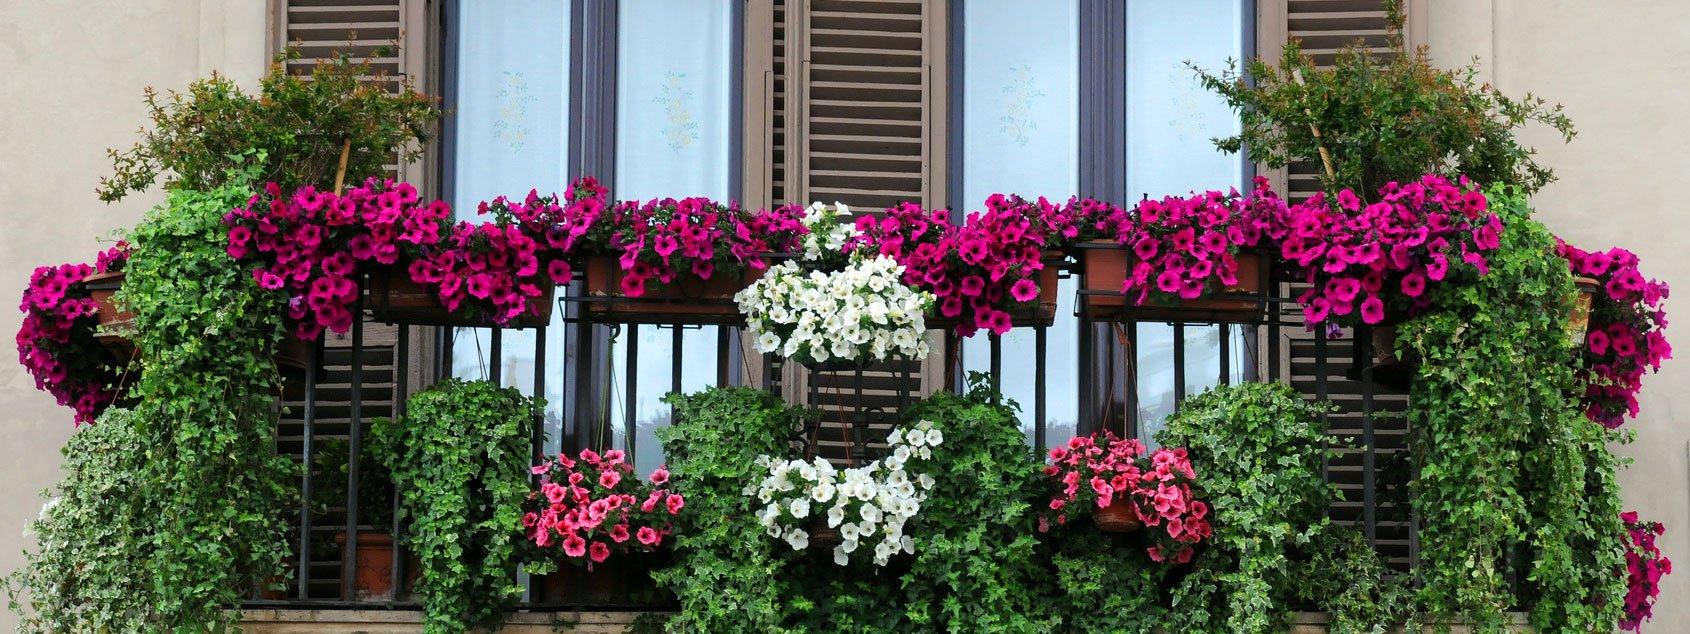 L impianto di irrigazione automatico per i vasi in balcone for Irrigazione piante